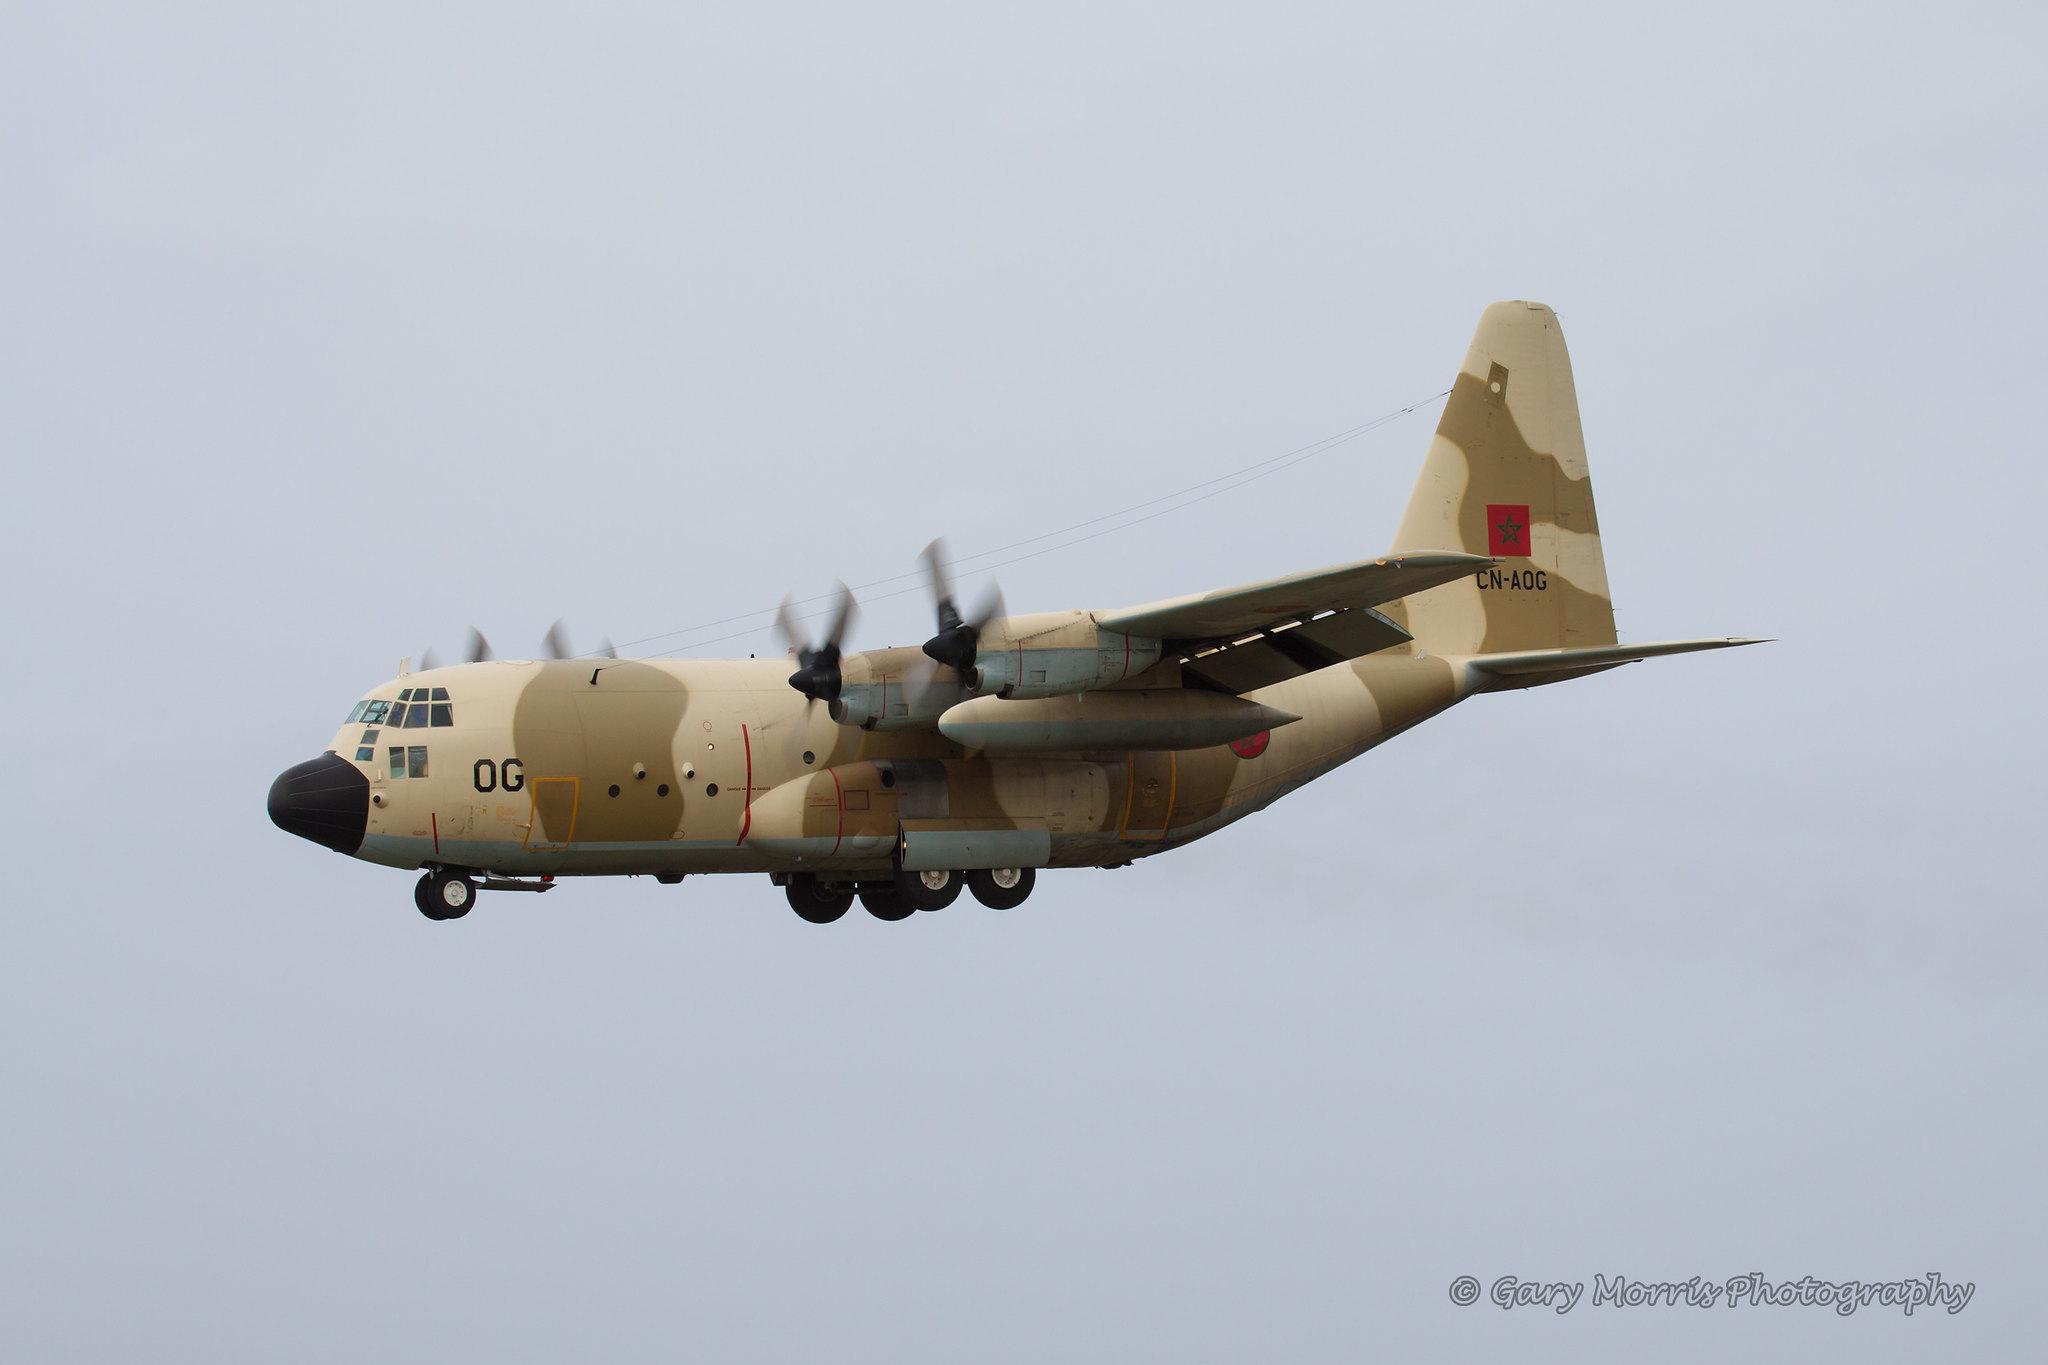 FRA: Photos d'avions de transport - Page 21 16478686727_48d6db8178_k